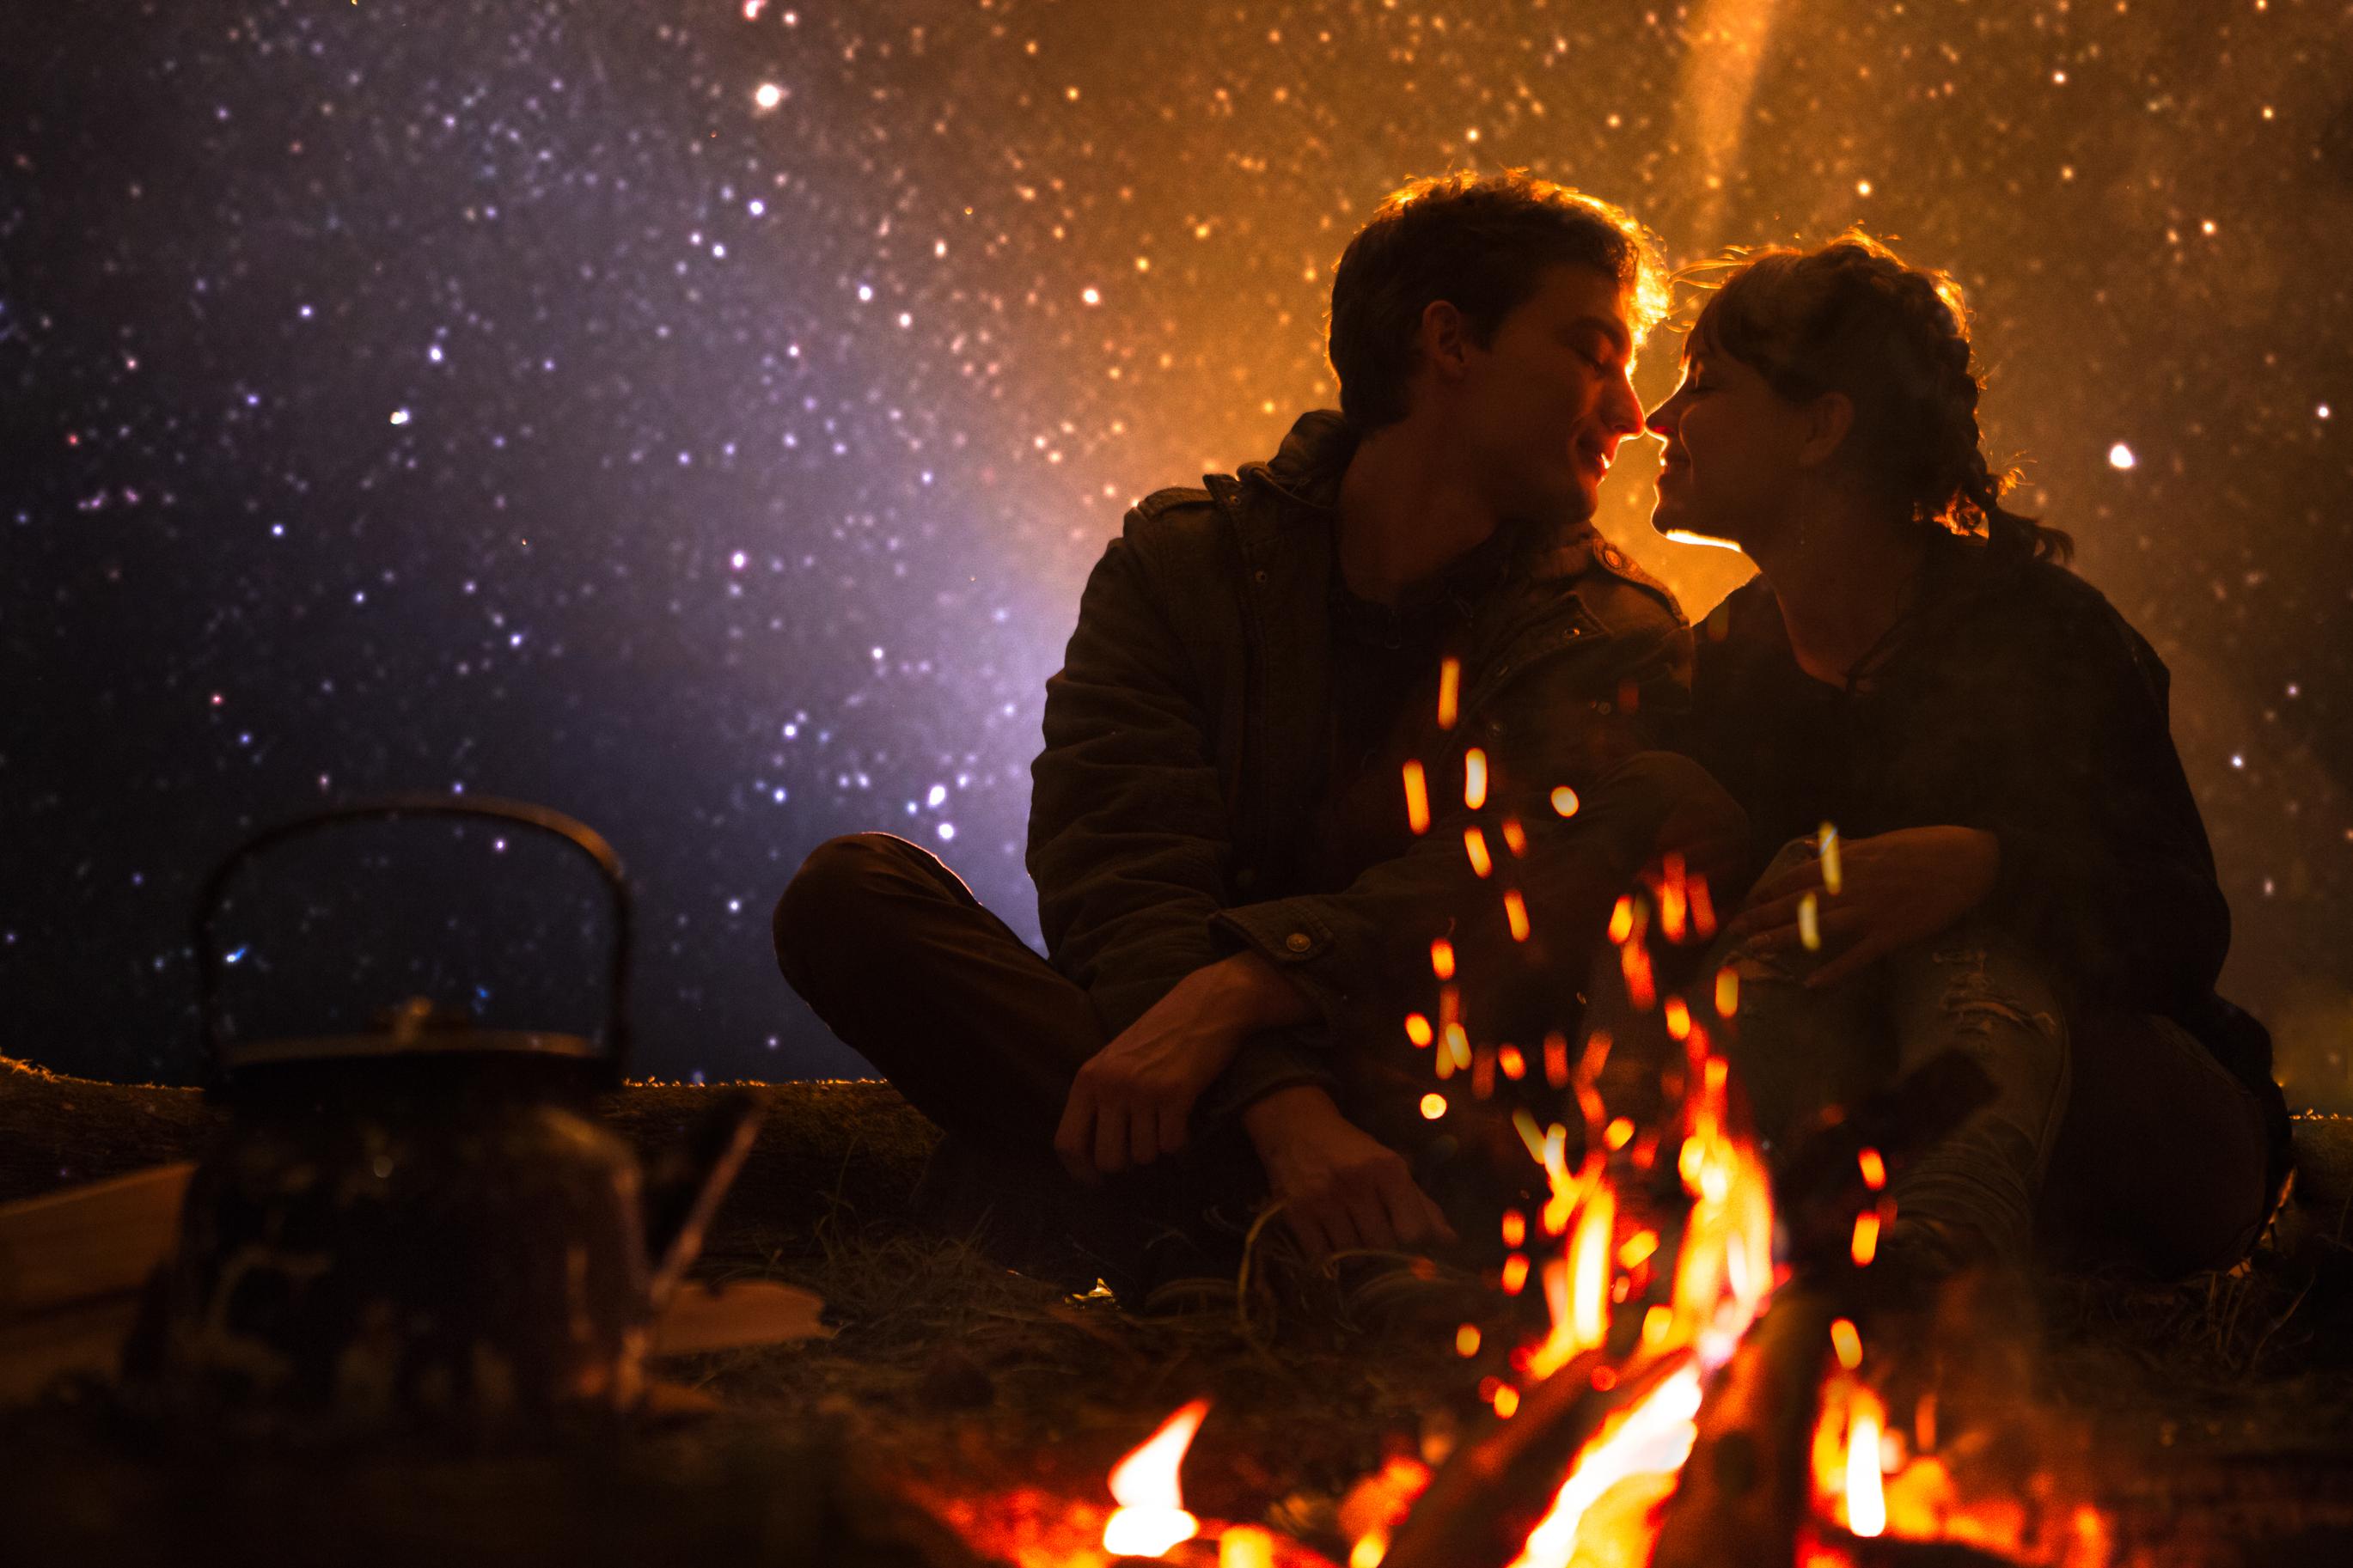 couple_enjoying_bonfire